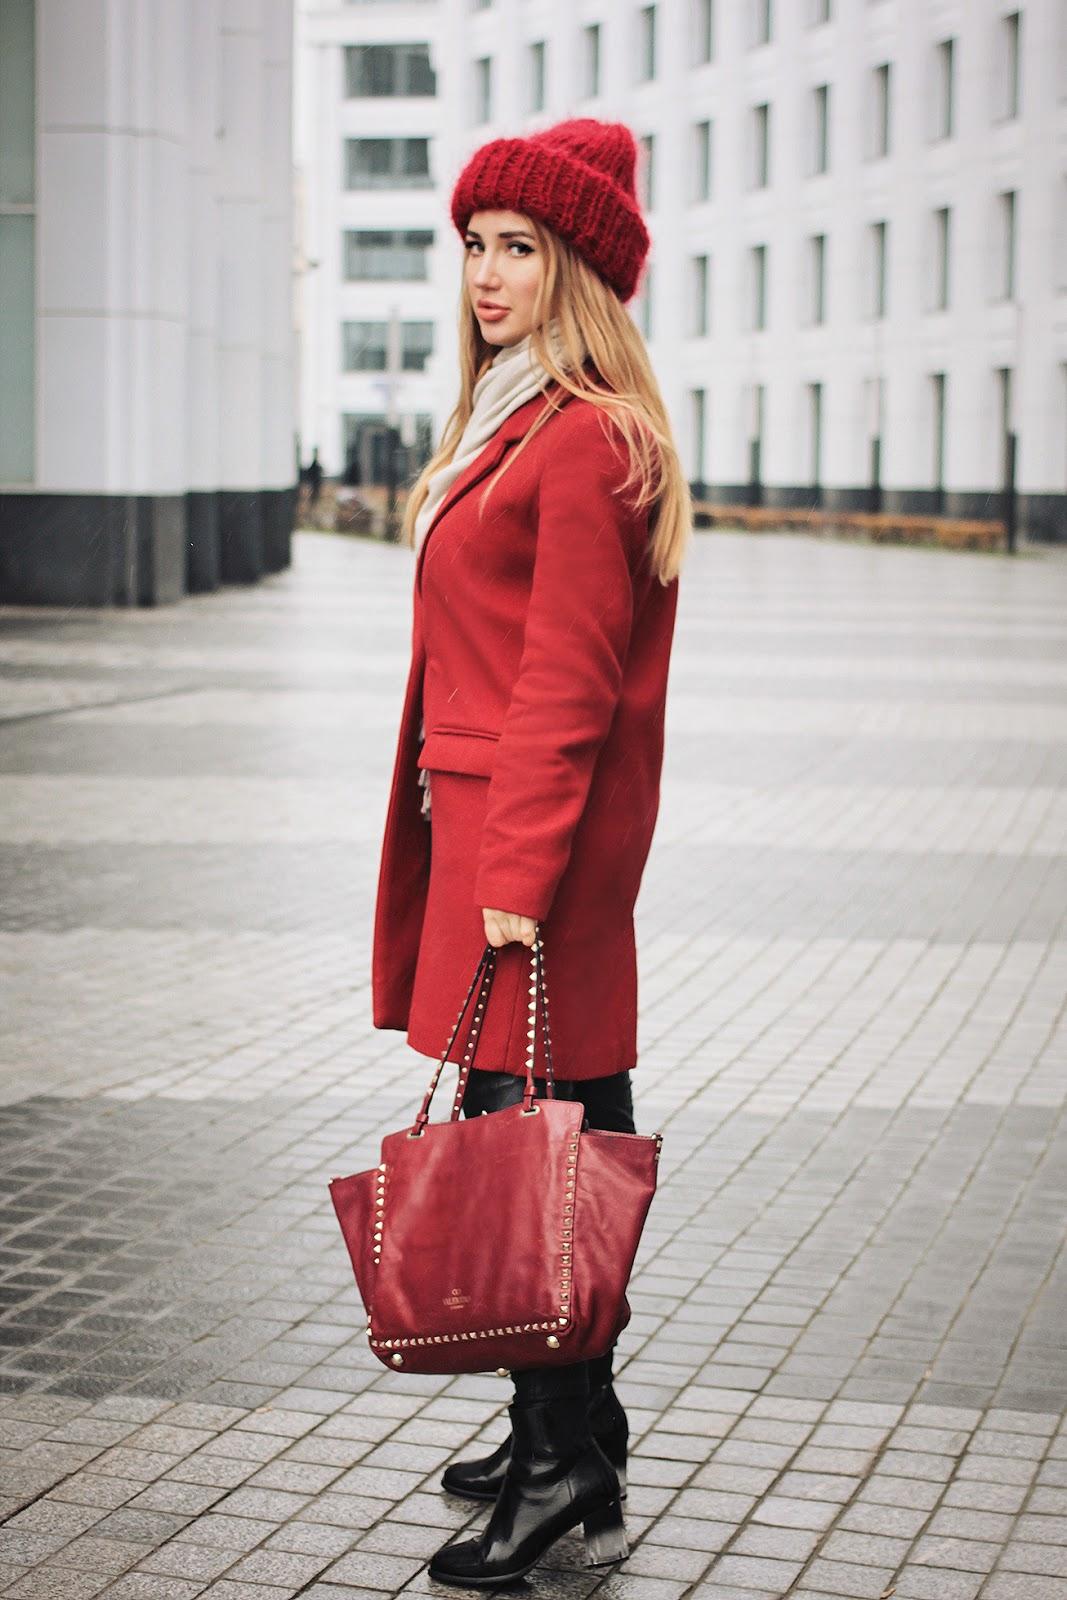 модные блоггеры зима 2016, блоггер россия, модный блог, модный блоггер зима фото, модные блоггеры осень зима 2016